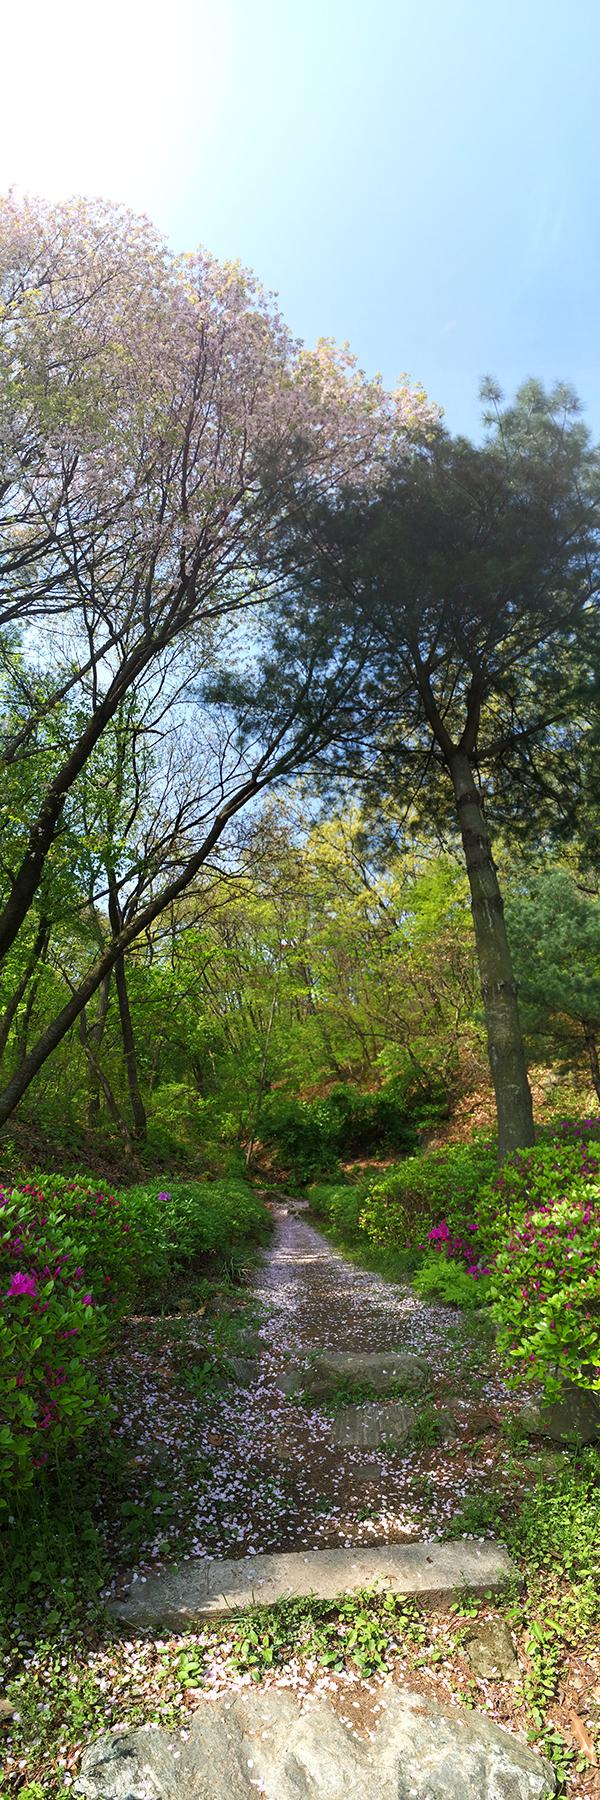 봄의 숲길